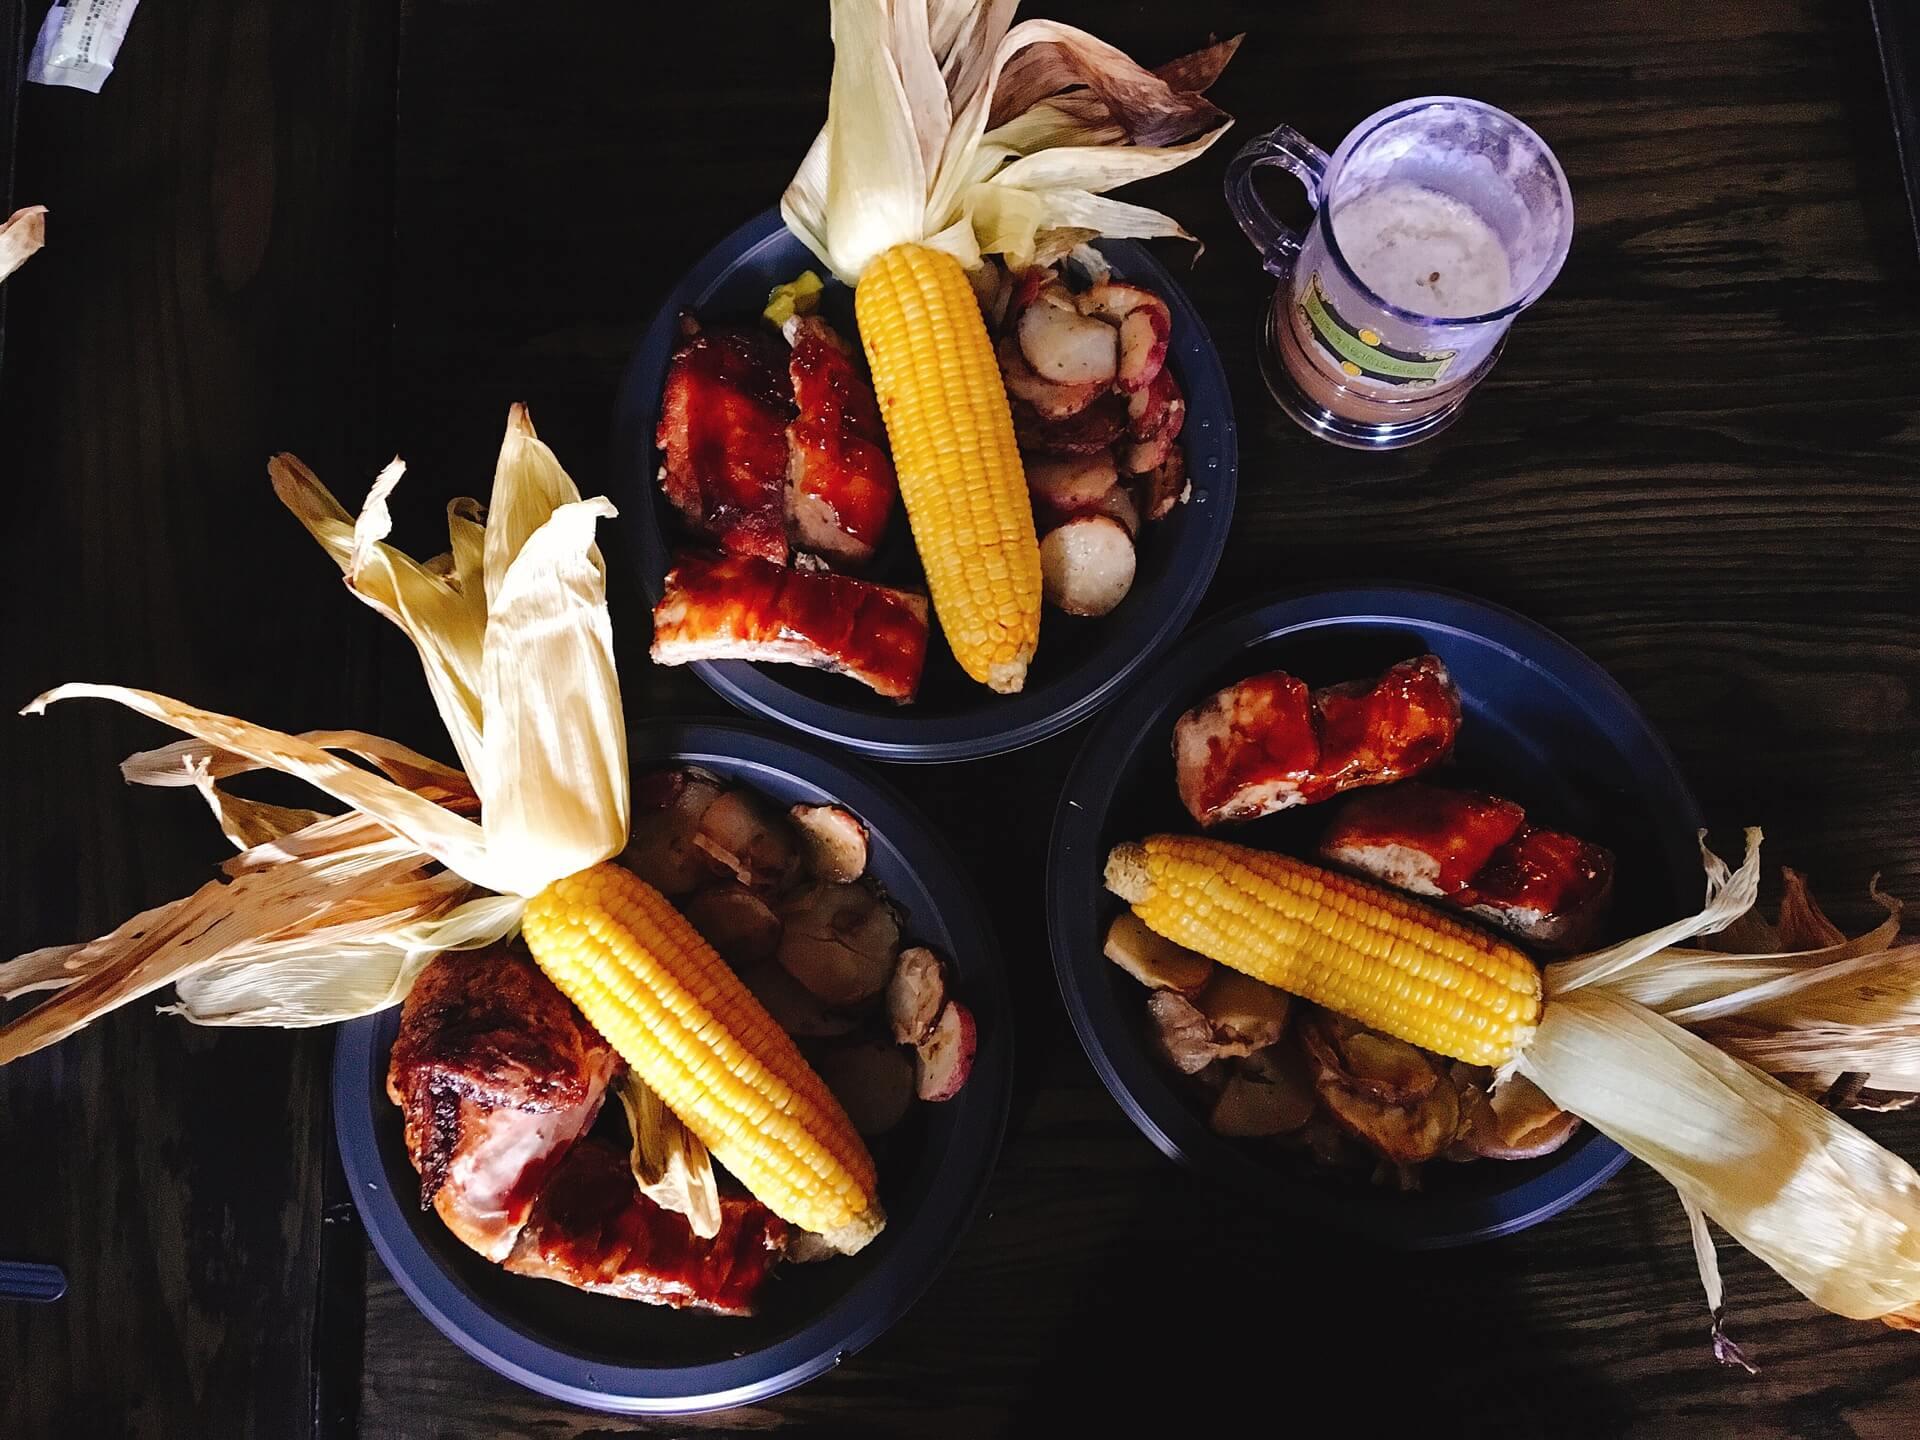 【三根掃帚】英國傳統風味食物「グレート・フィースト」大盛宴拼盤,烤雞、肋排、玉米、田園沙拉、綜合蔬菜等。